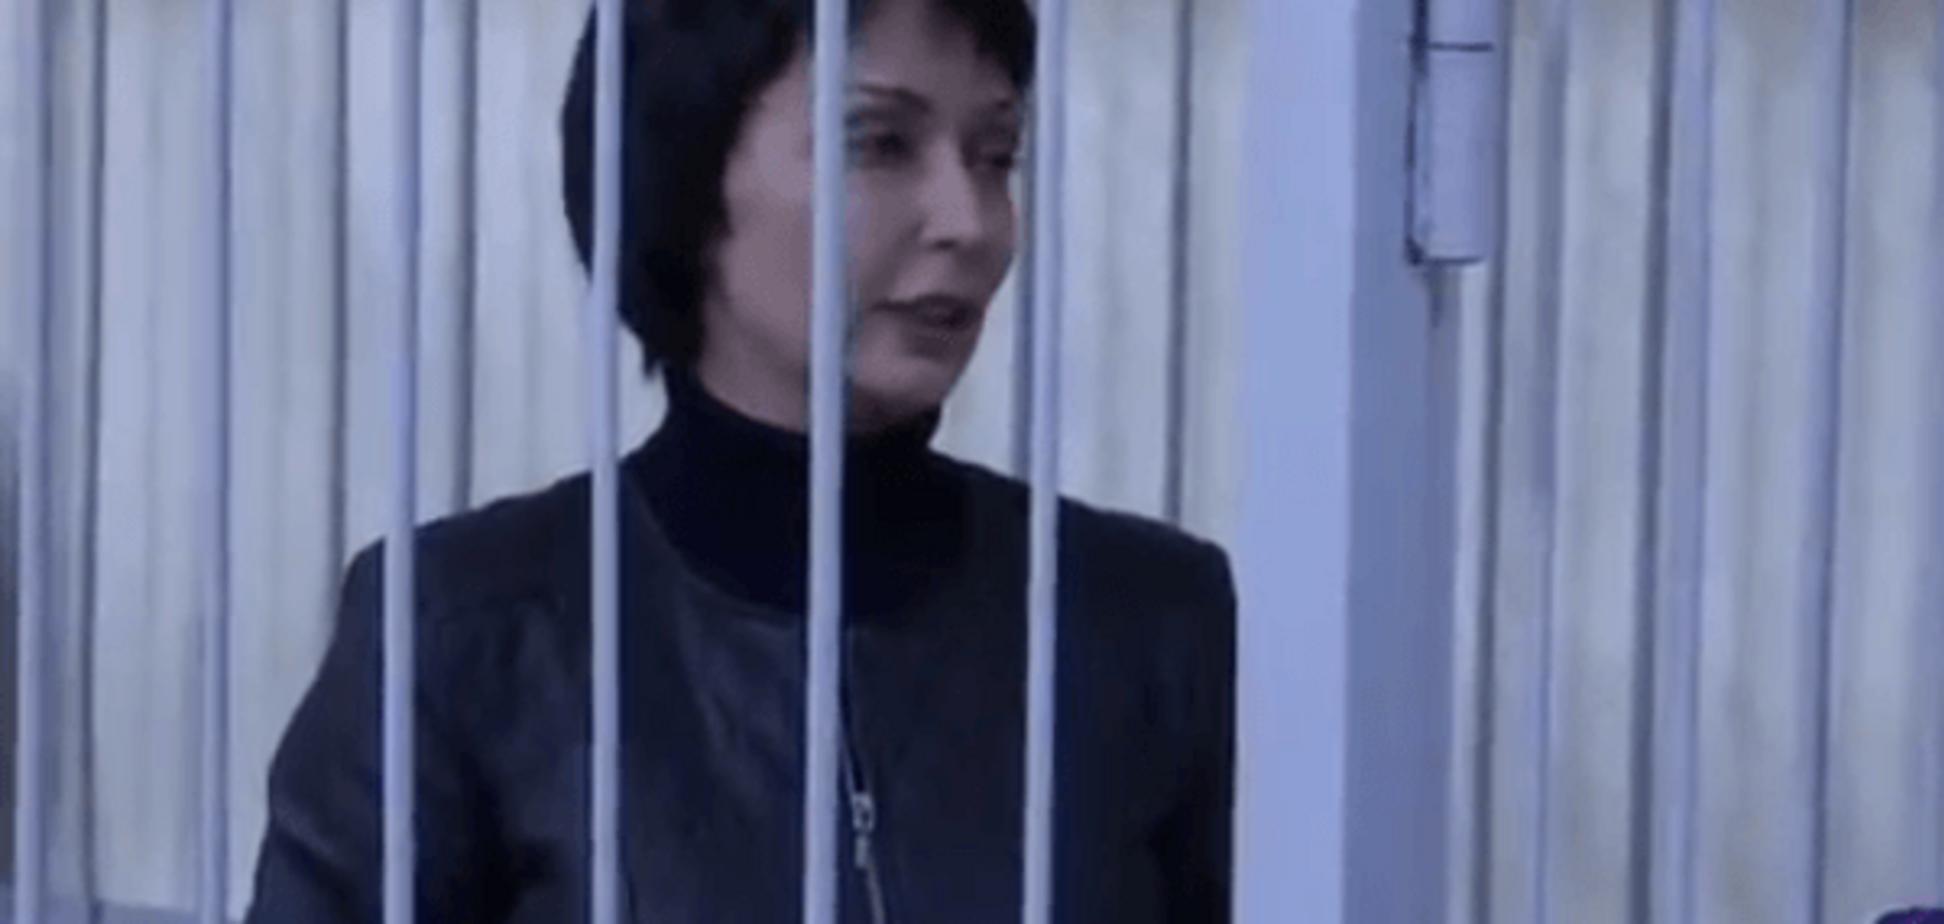 У Києві розпочався суд над Лукаш: онлайн-трансляція